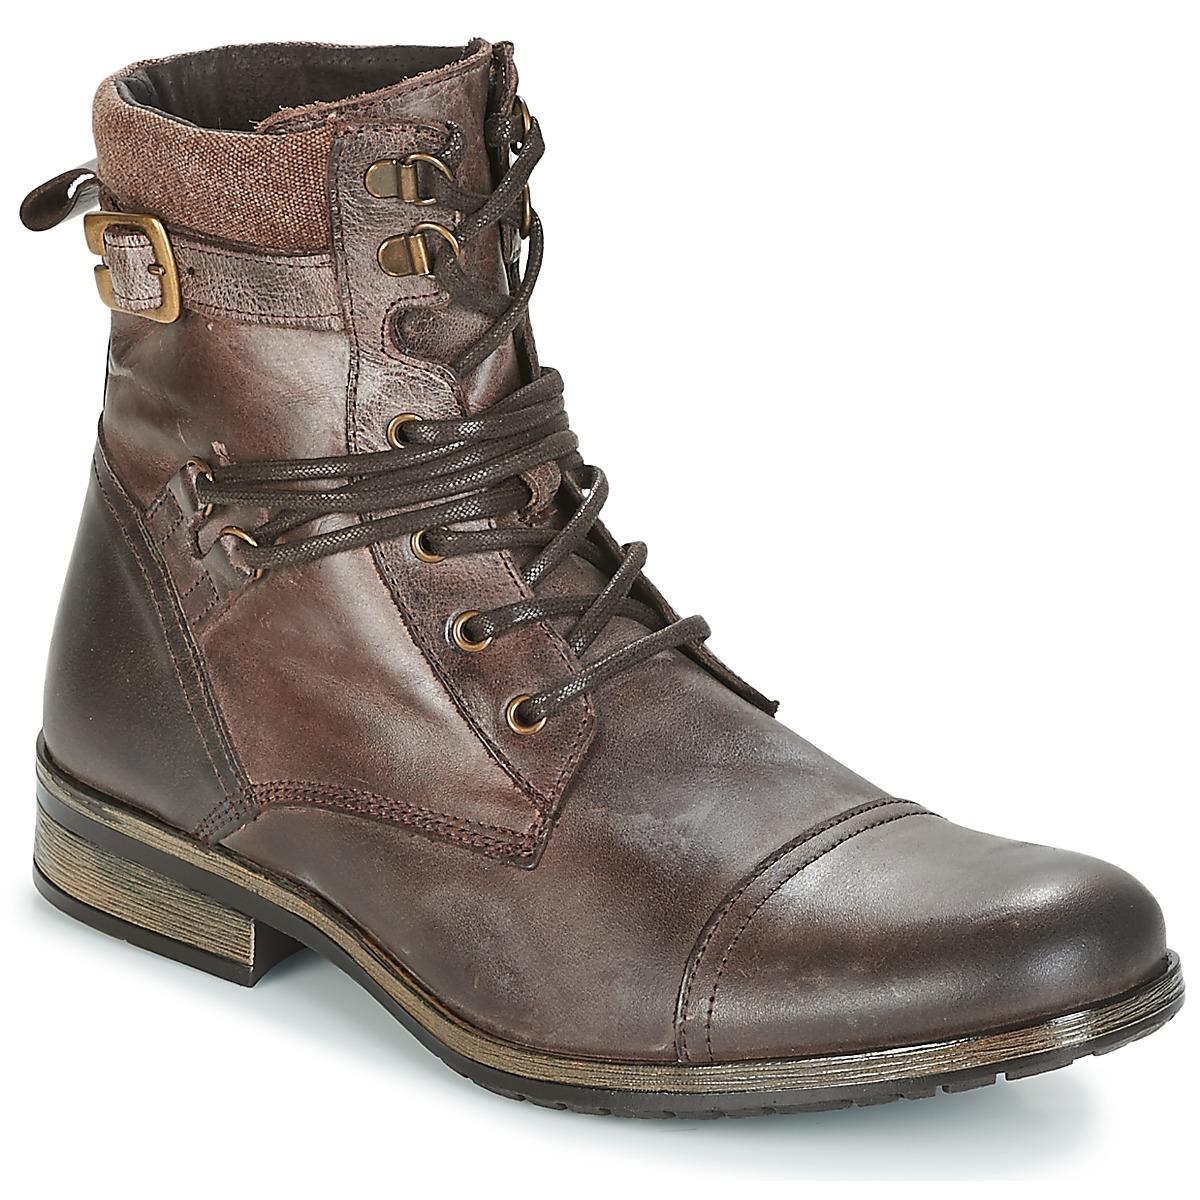 Casual Attitude RIVIGH Braun - Kostenloser Versand bei Spartoode ! - Schuhe Boots Herren 79,99 €